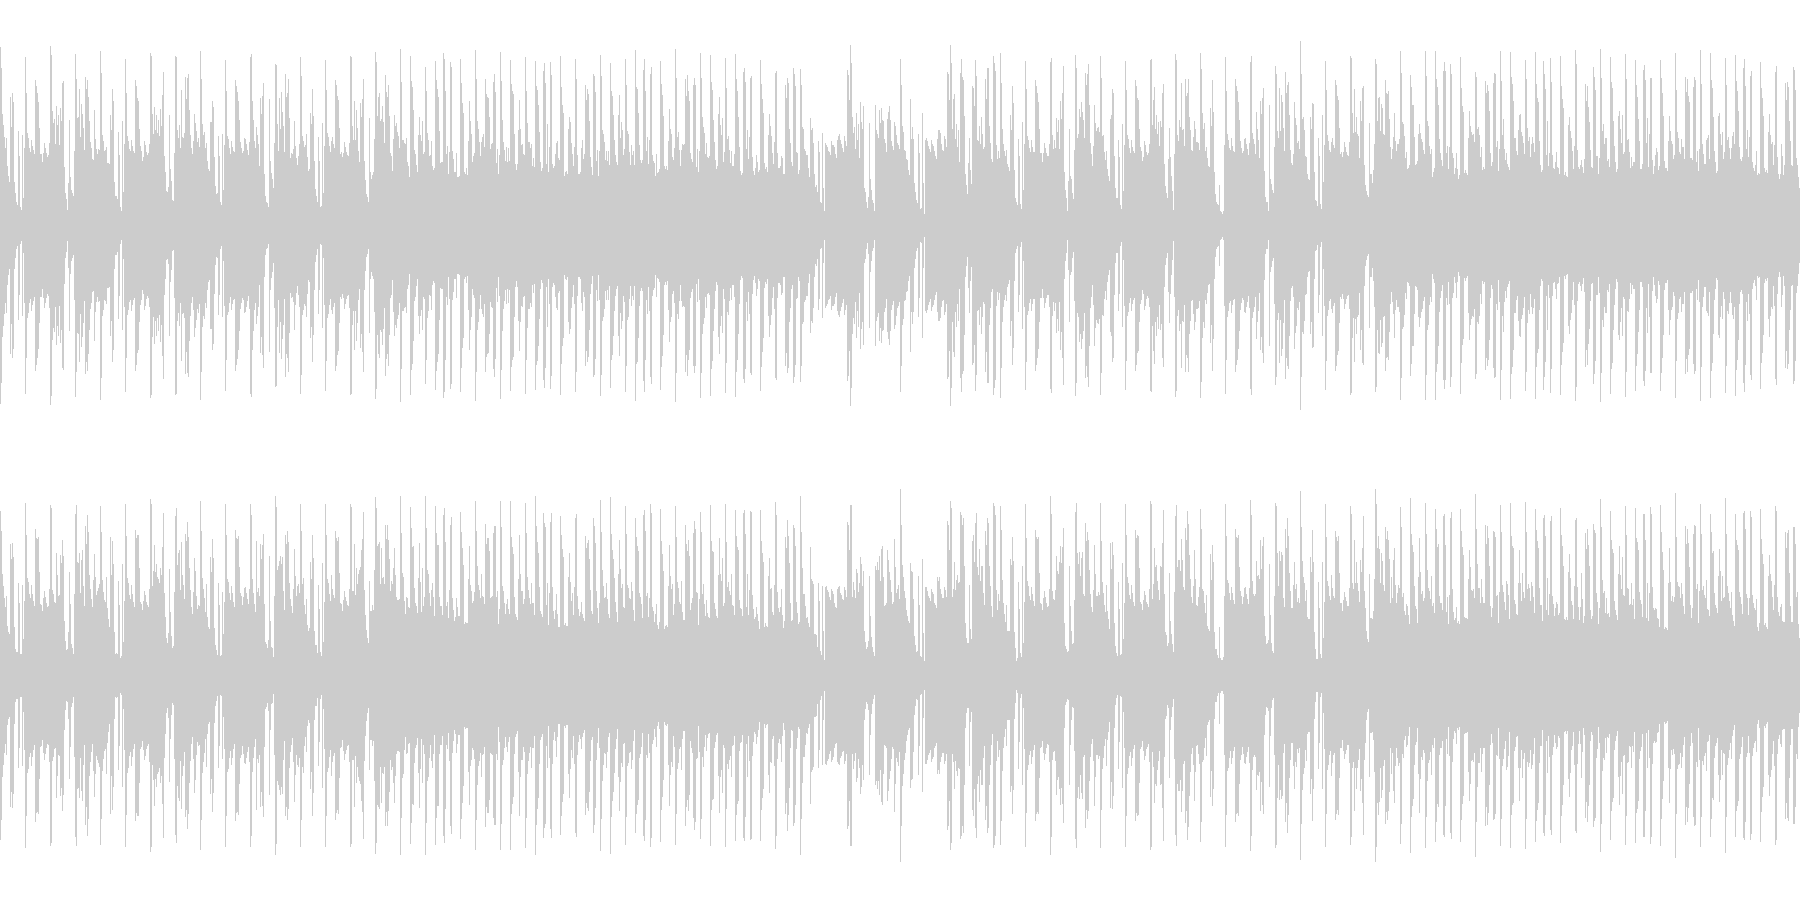 和風+ヒップホップなシンプルインスト楽曲の未再生の波形